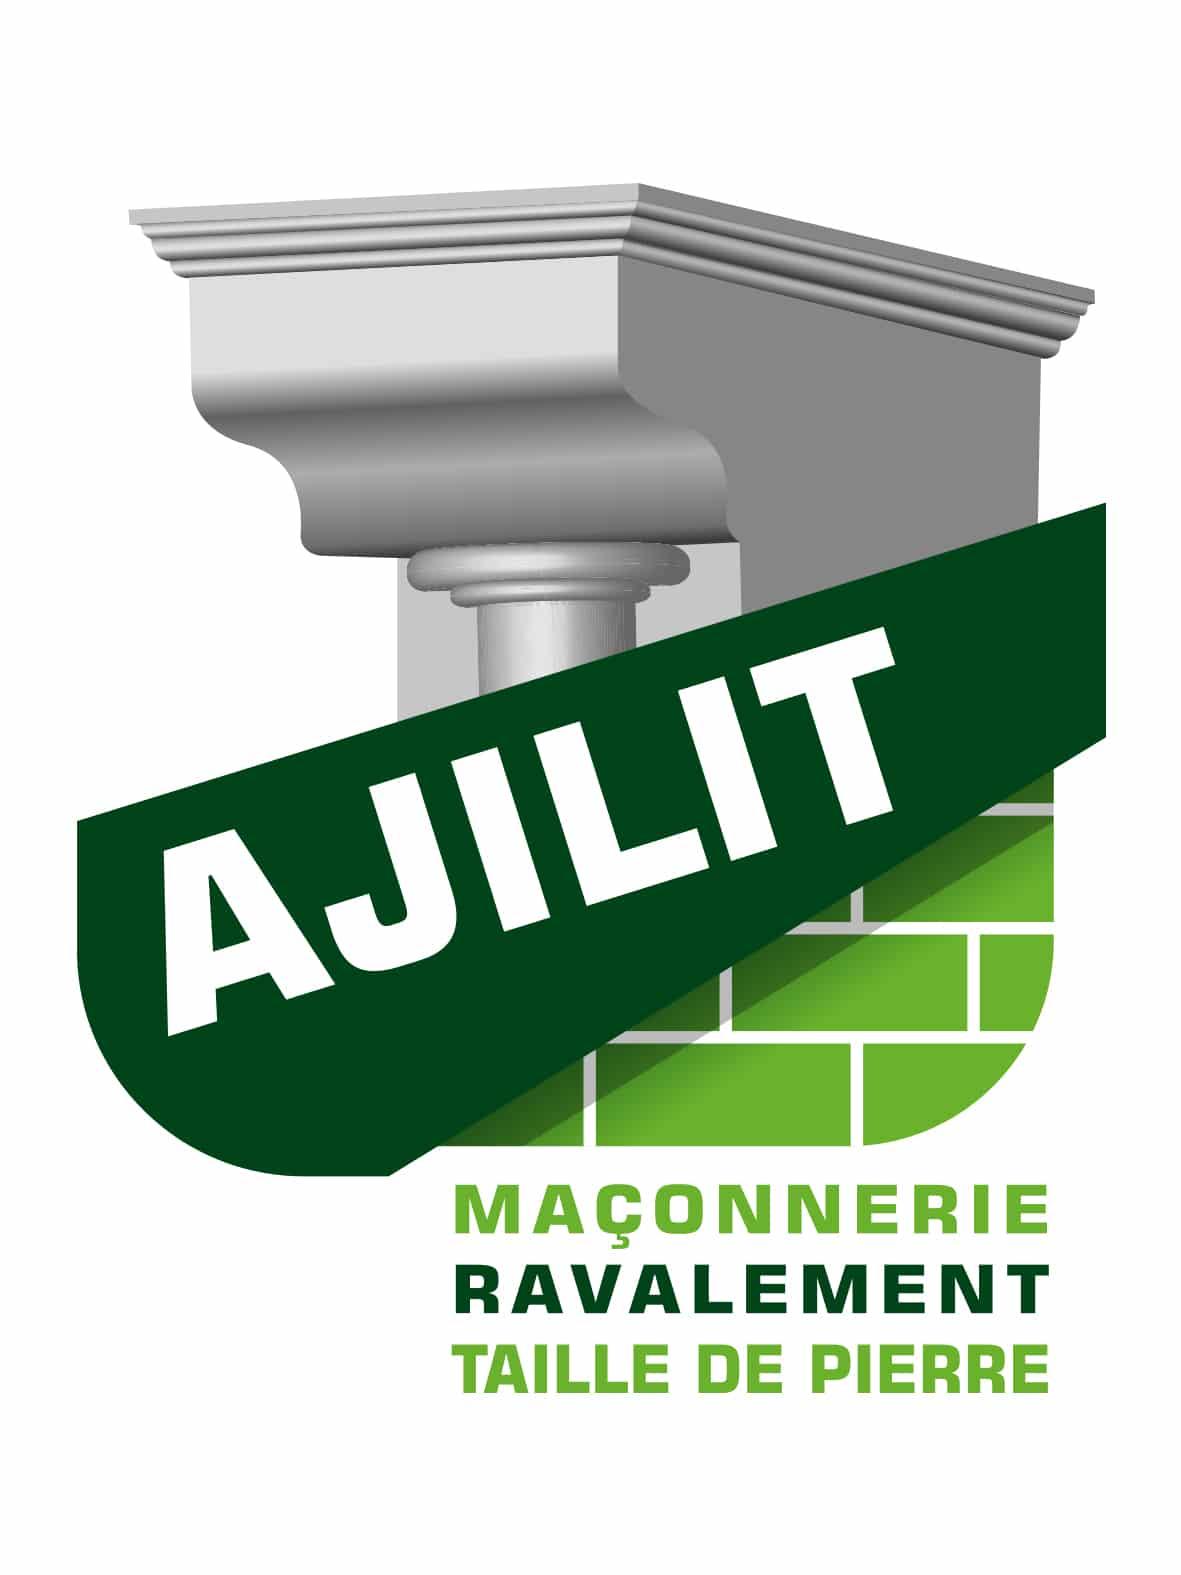 logo Ajilit HD